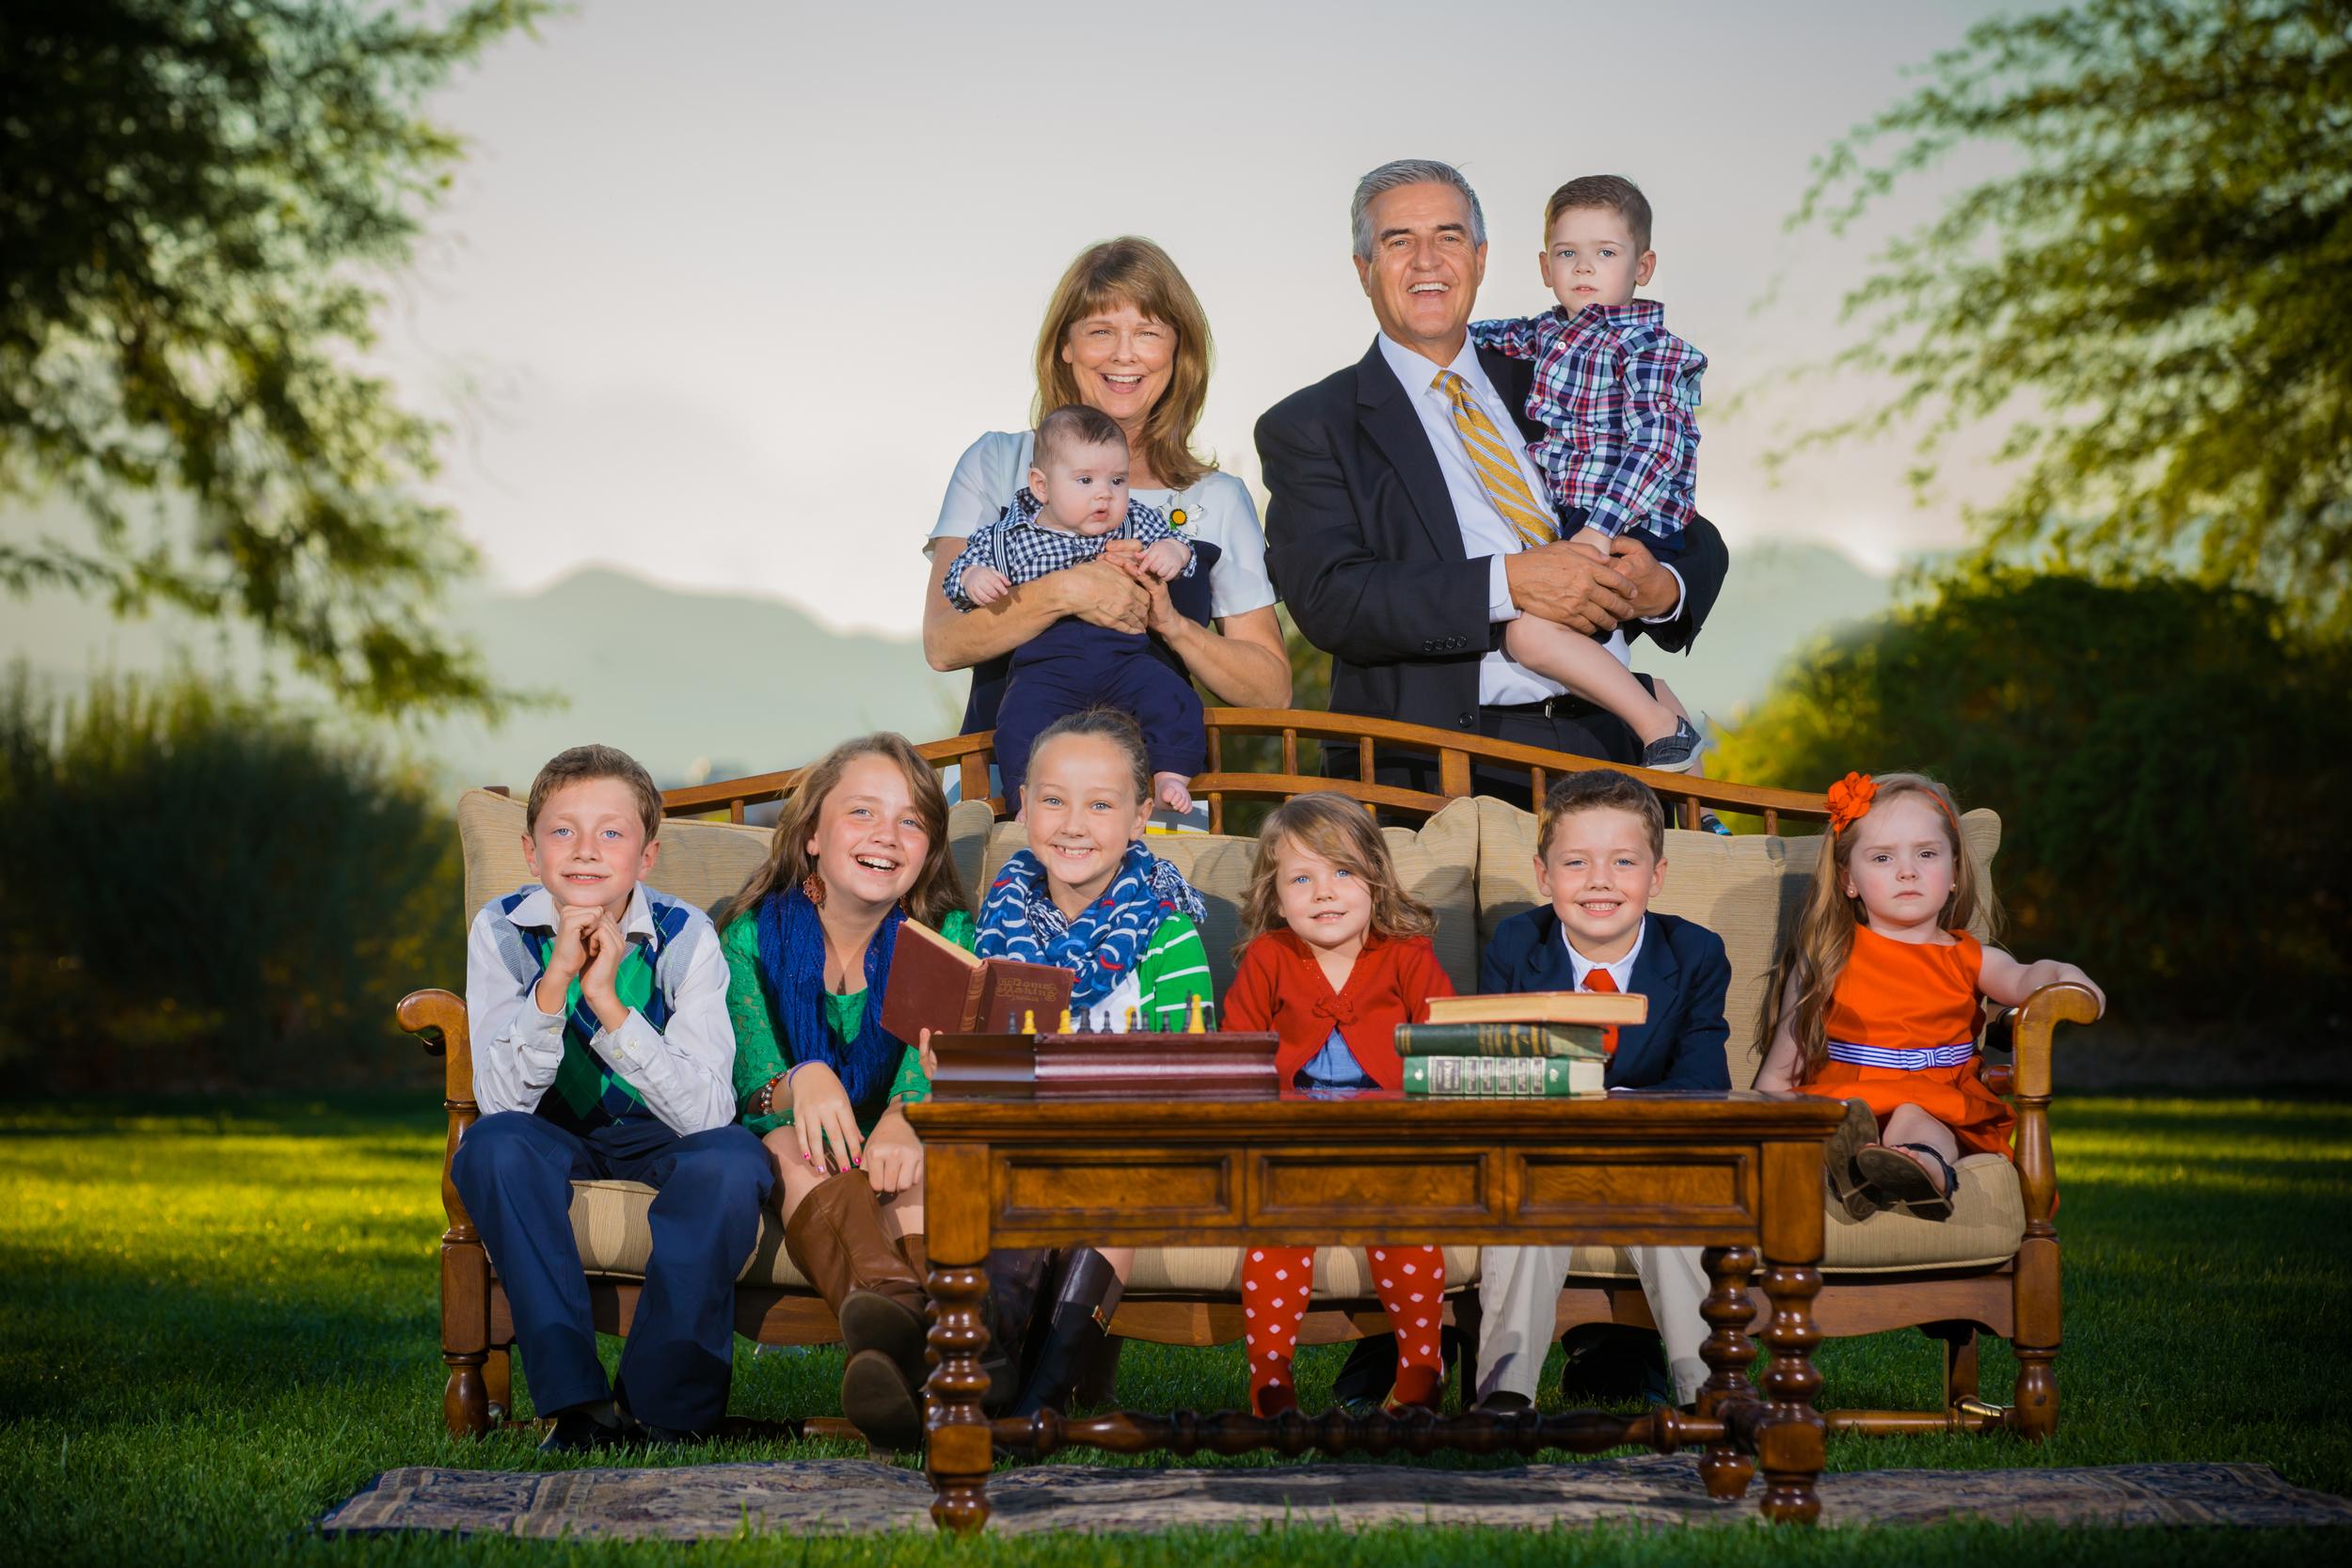 Las vegas family portrait photographer